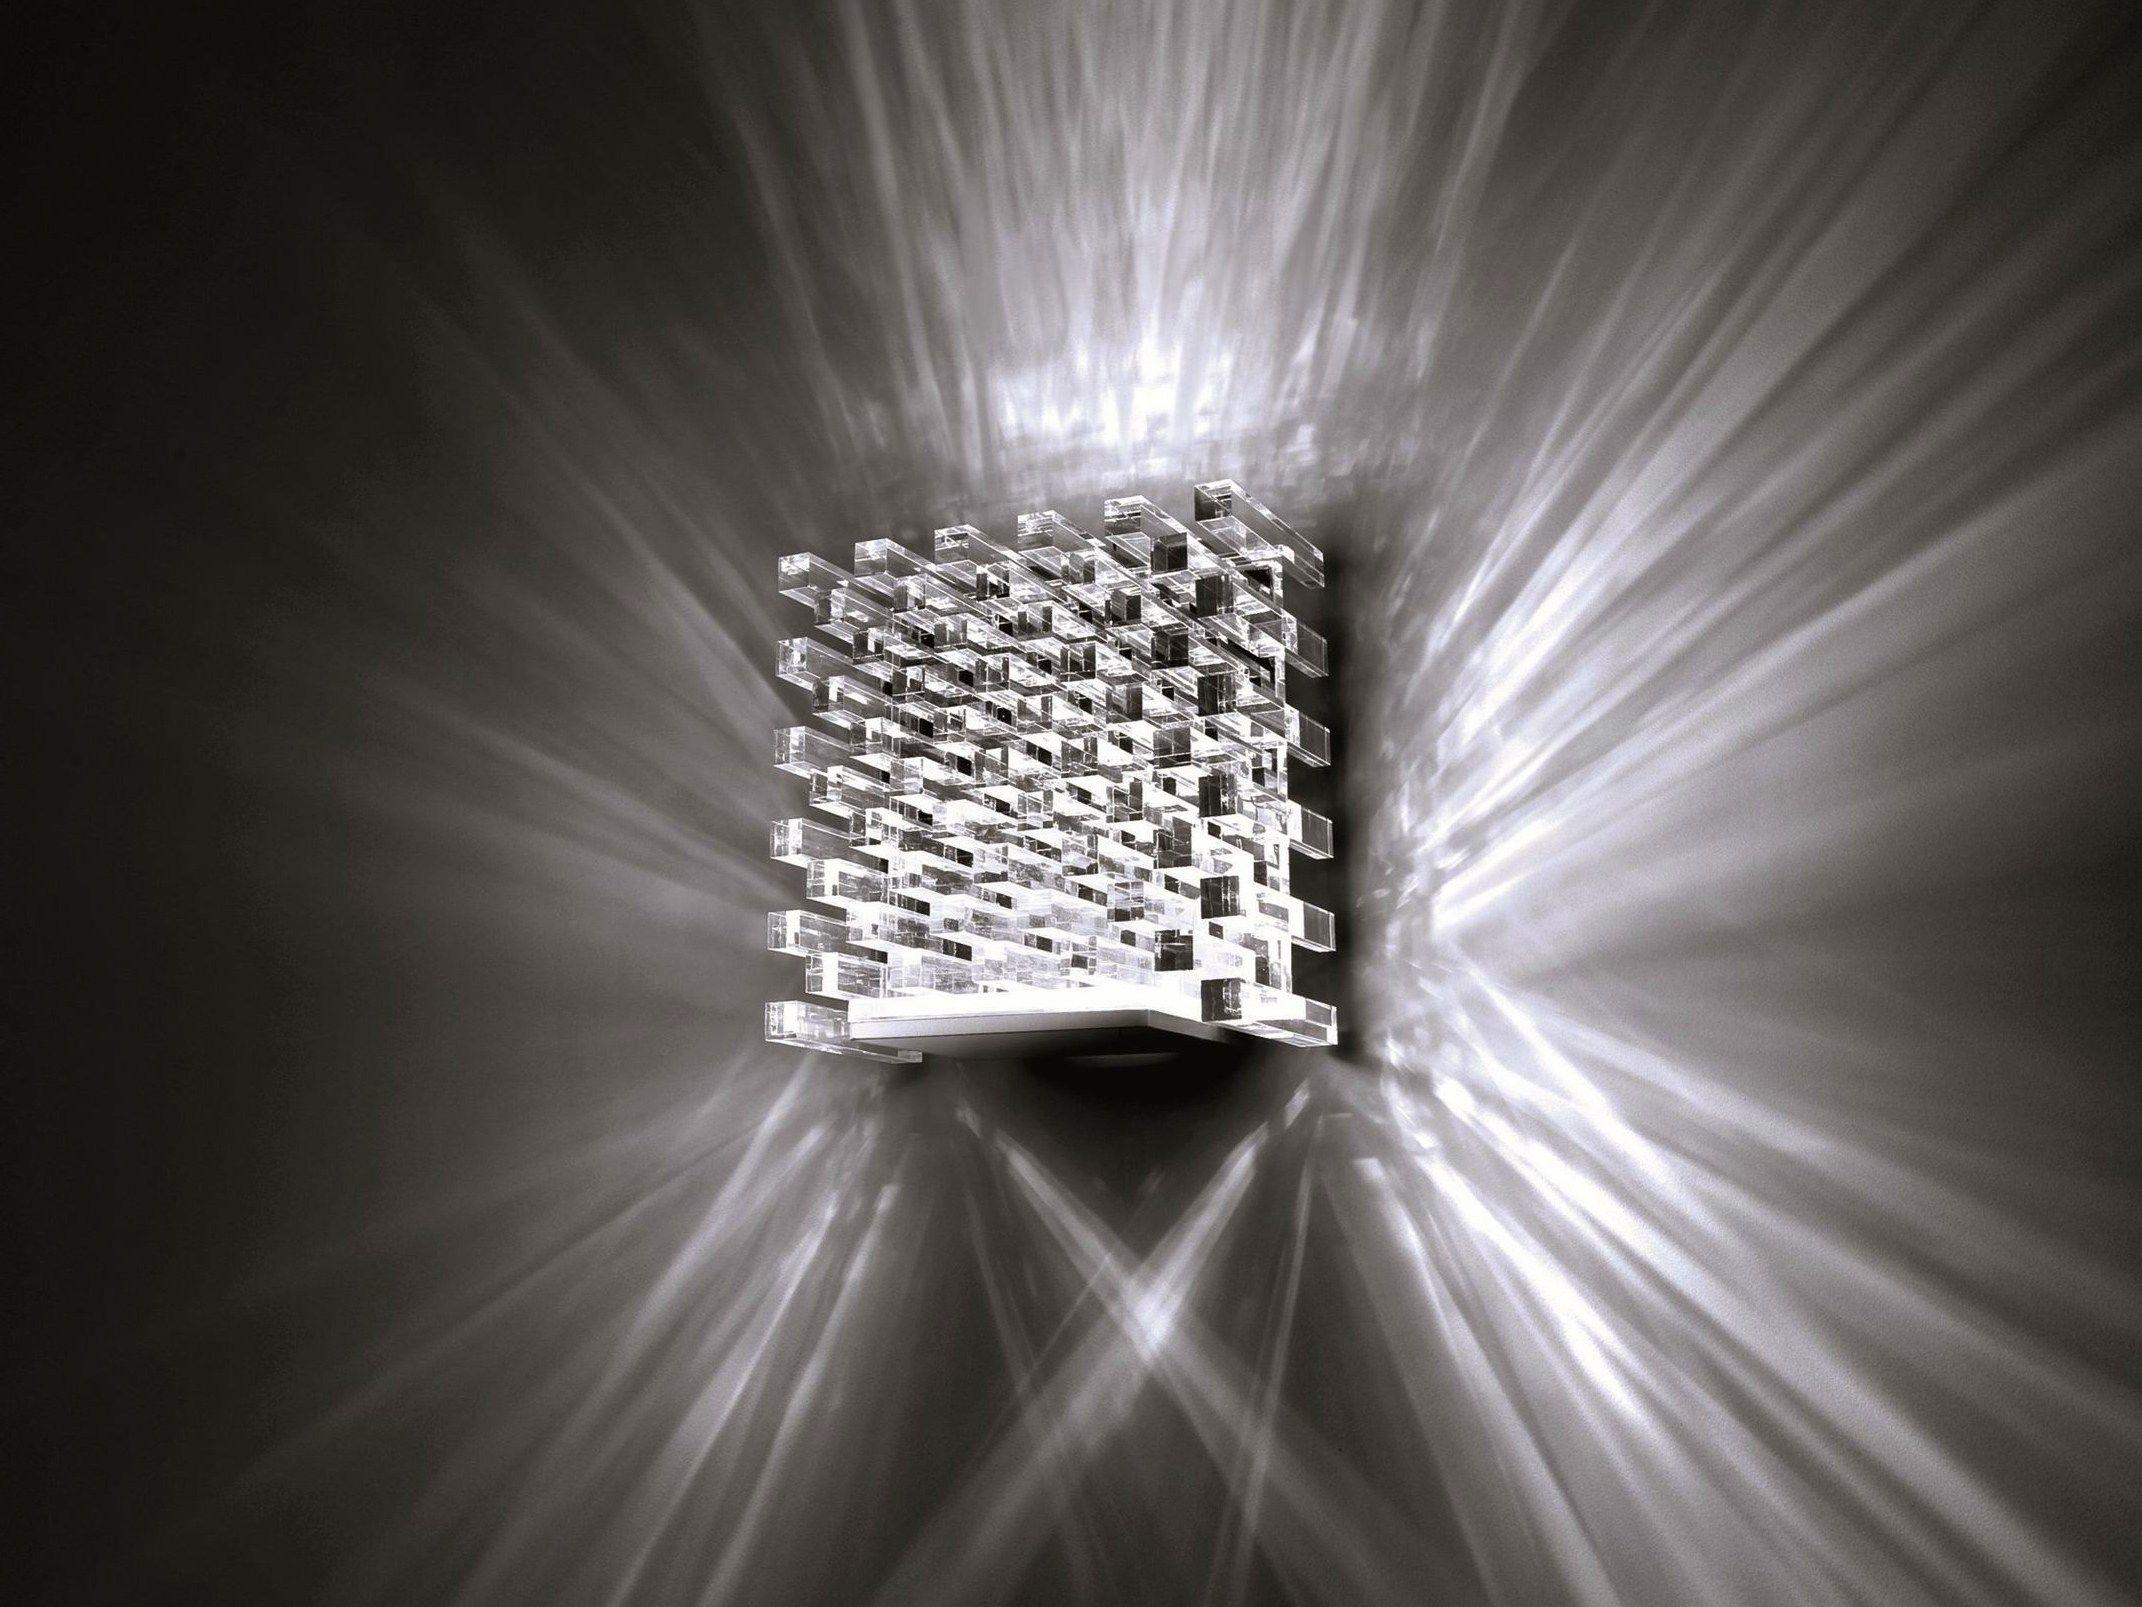 Plafoniere Da Muro Interni : Plafoniere da muro economiche lampade a parete per camera